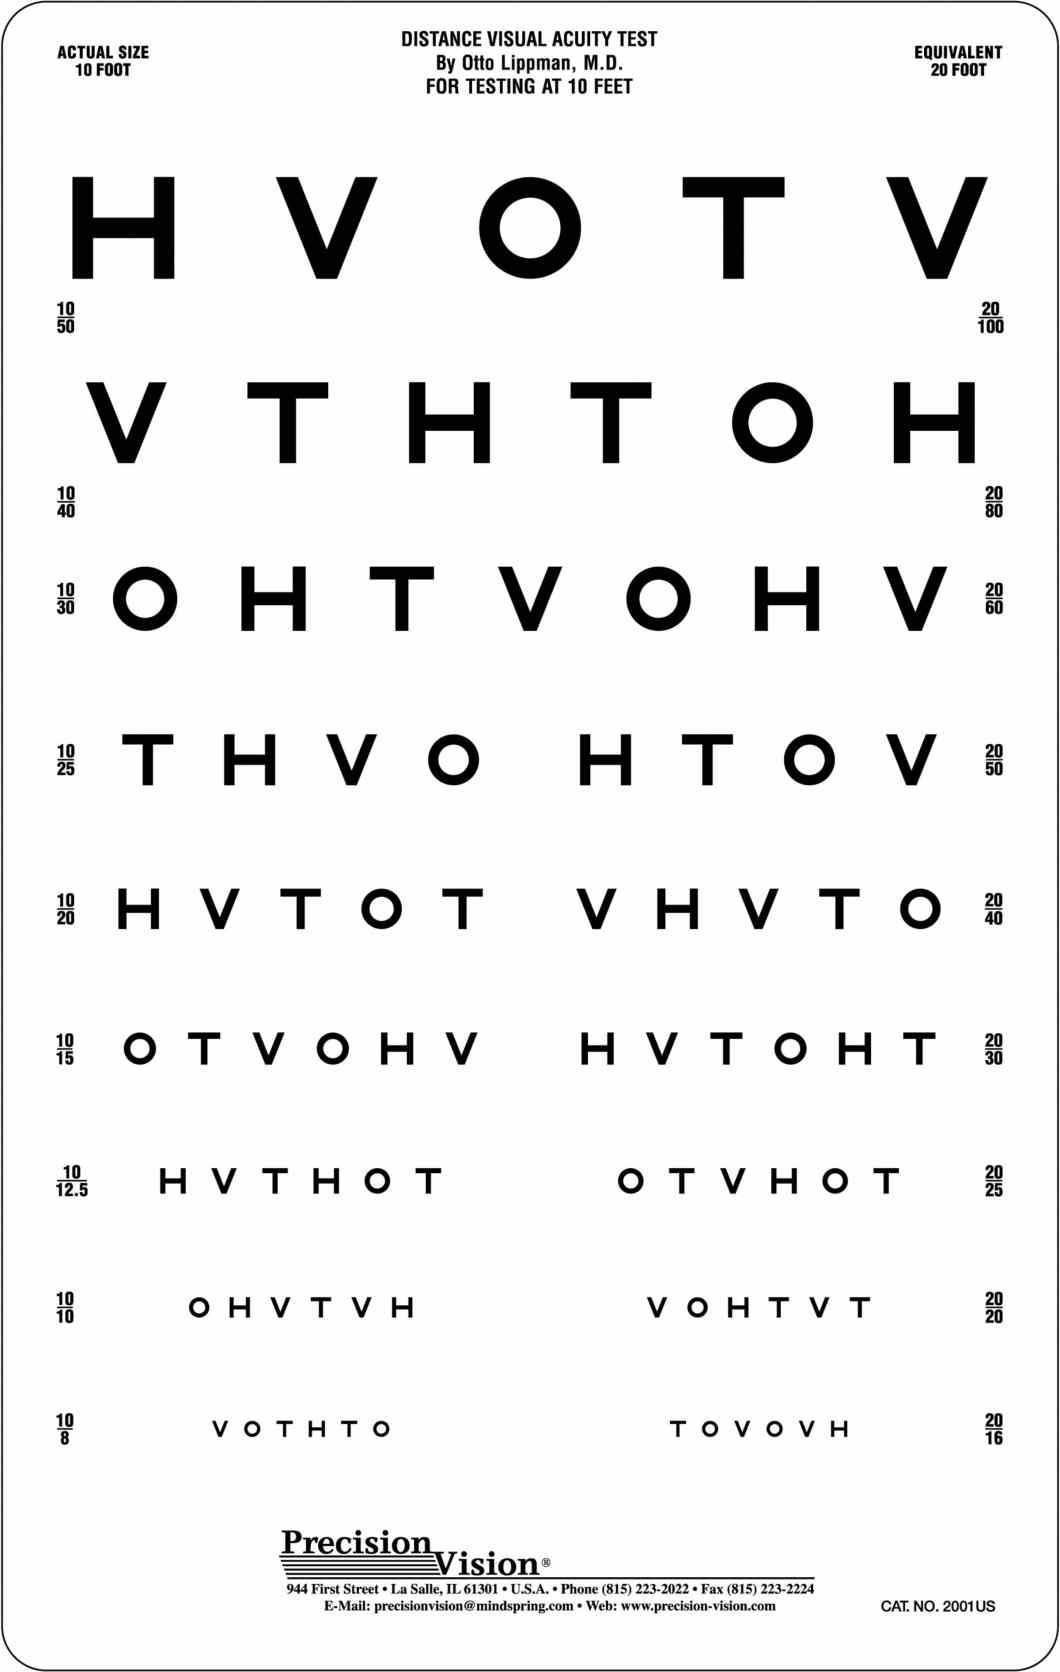 Amsler eye chart images free any chart examples amsler eye chart gallery free any chart examples amsler eye chart gallery free any chart examples nvjuhfo Images